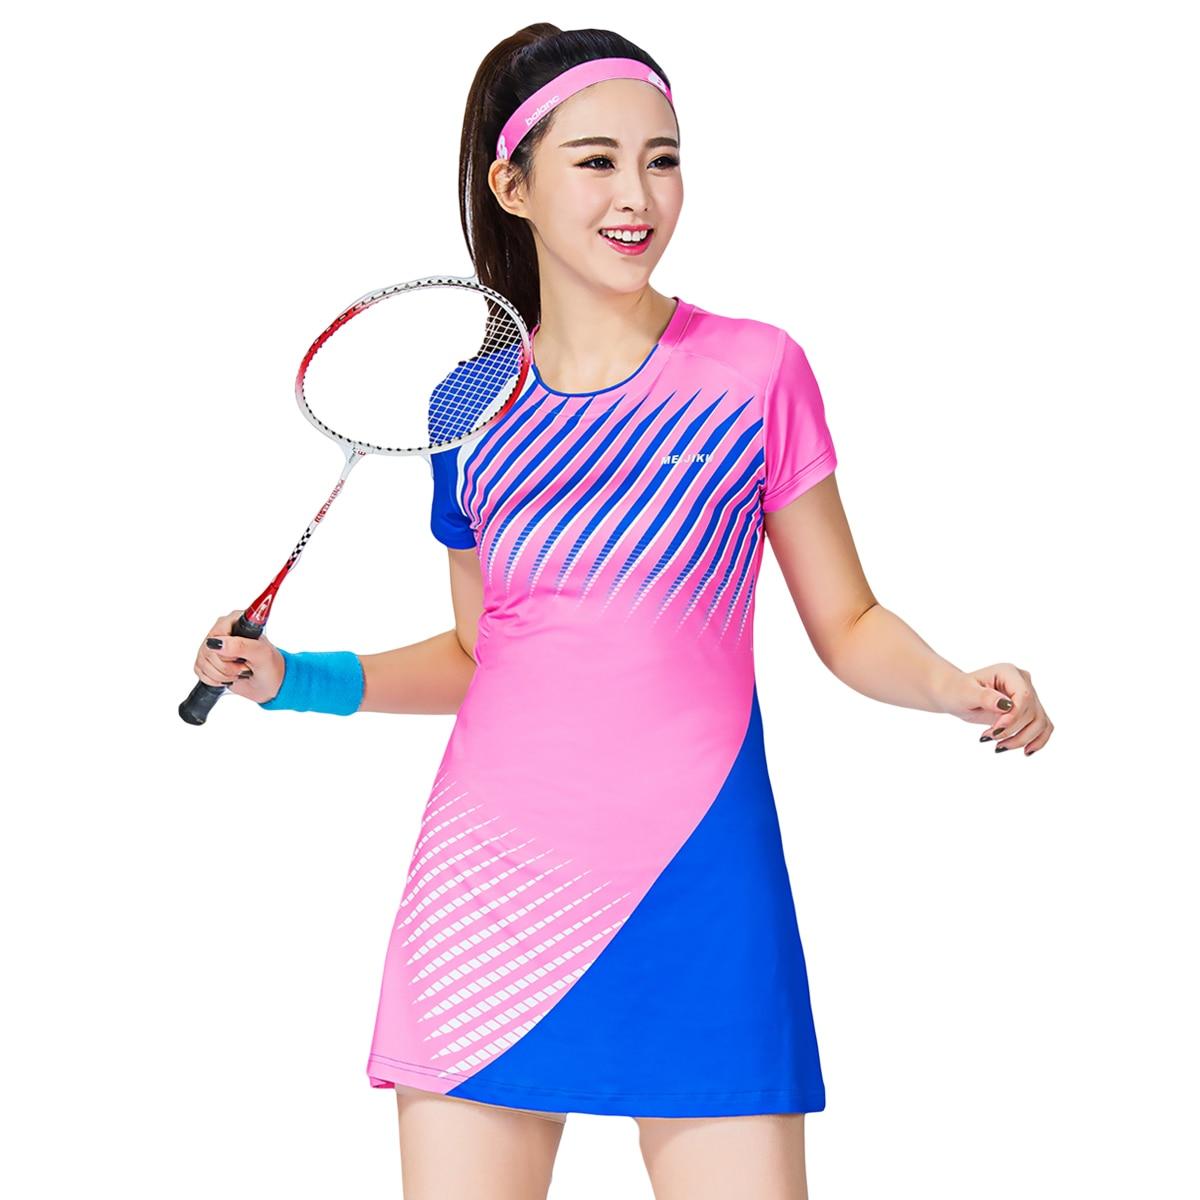 Vêtements de Badminton robes séchage rapide grande garde-robe dysfonctionnement cultiver moralité robe de Tennis avec sécurité courte